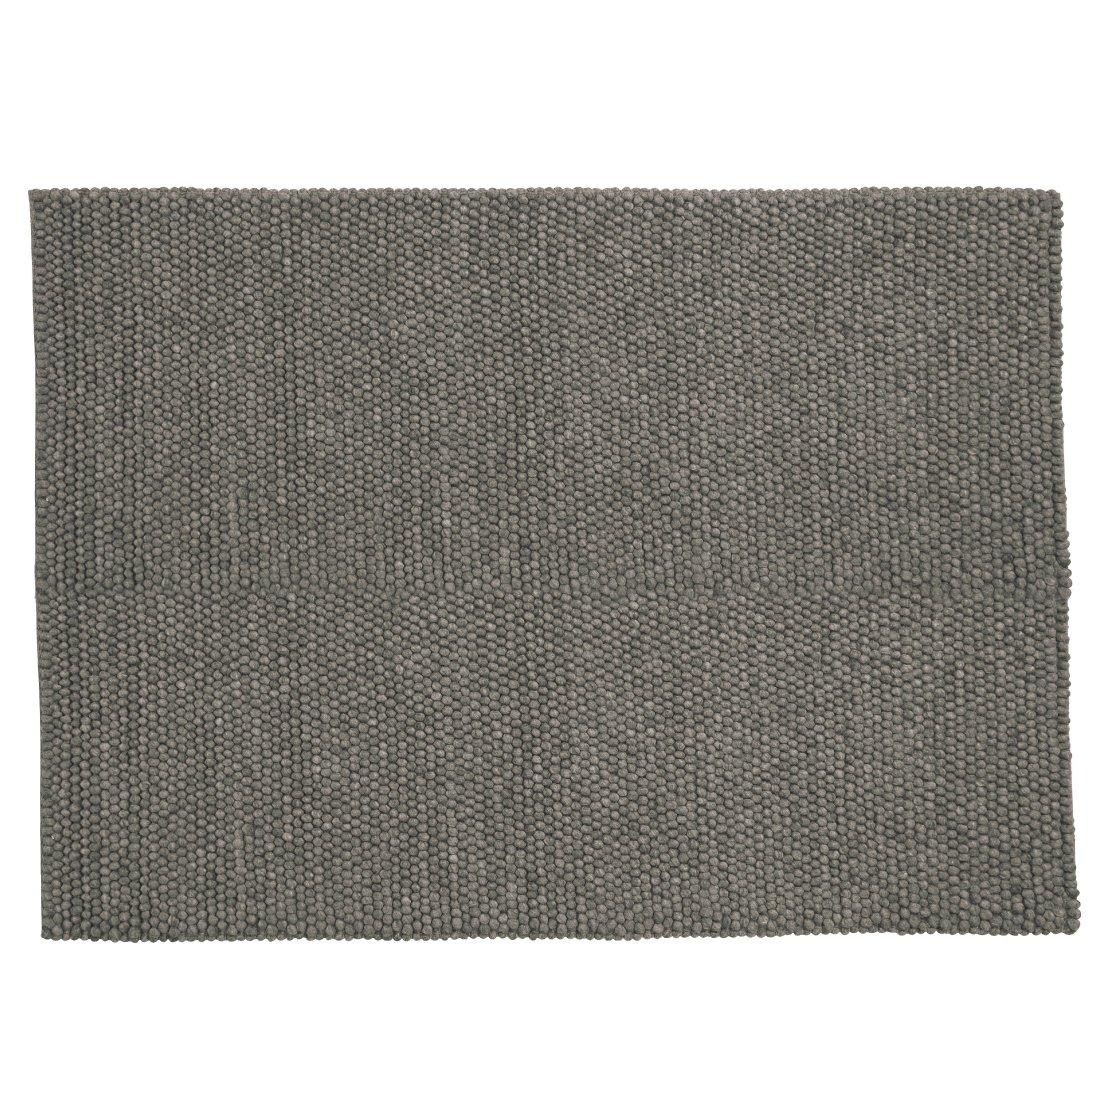 HAY Peas Karpet Vloerkleed Donker Grijs 200 x 300 cm